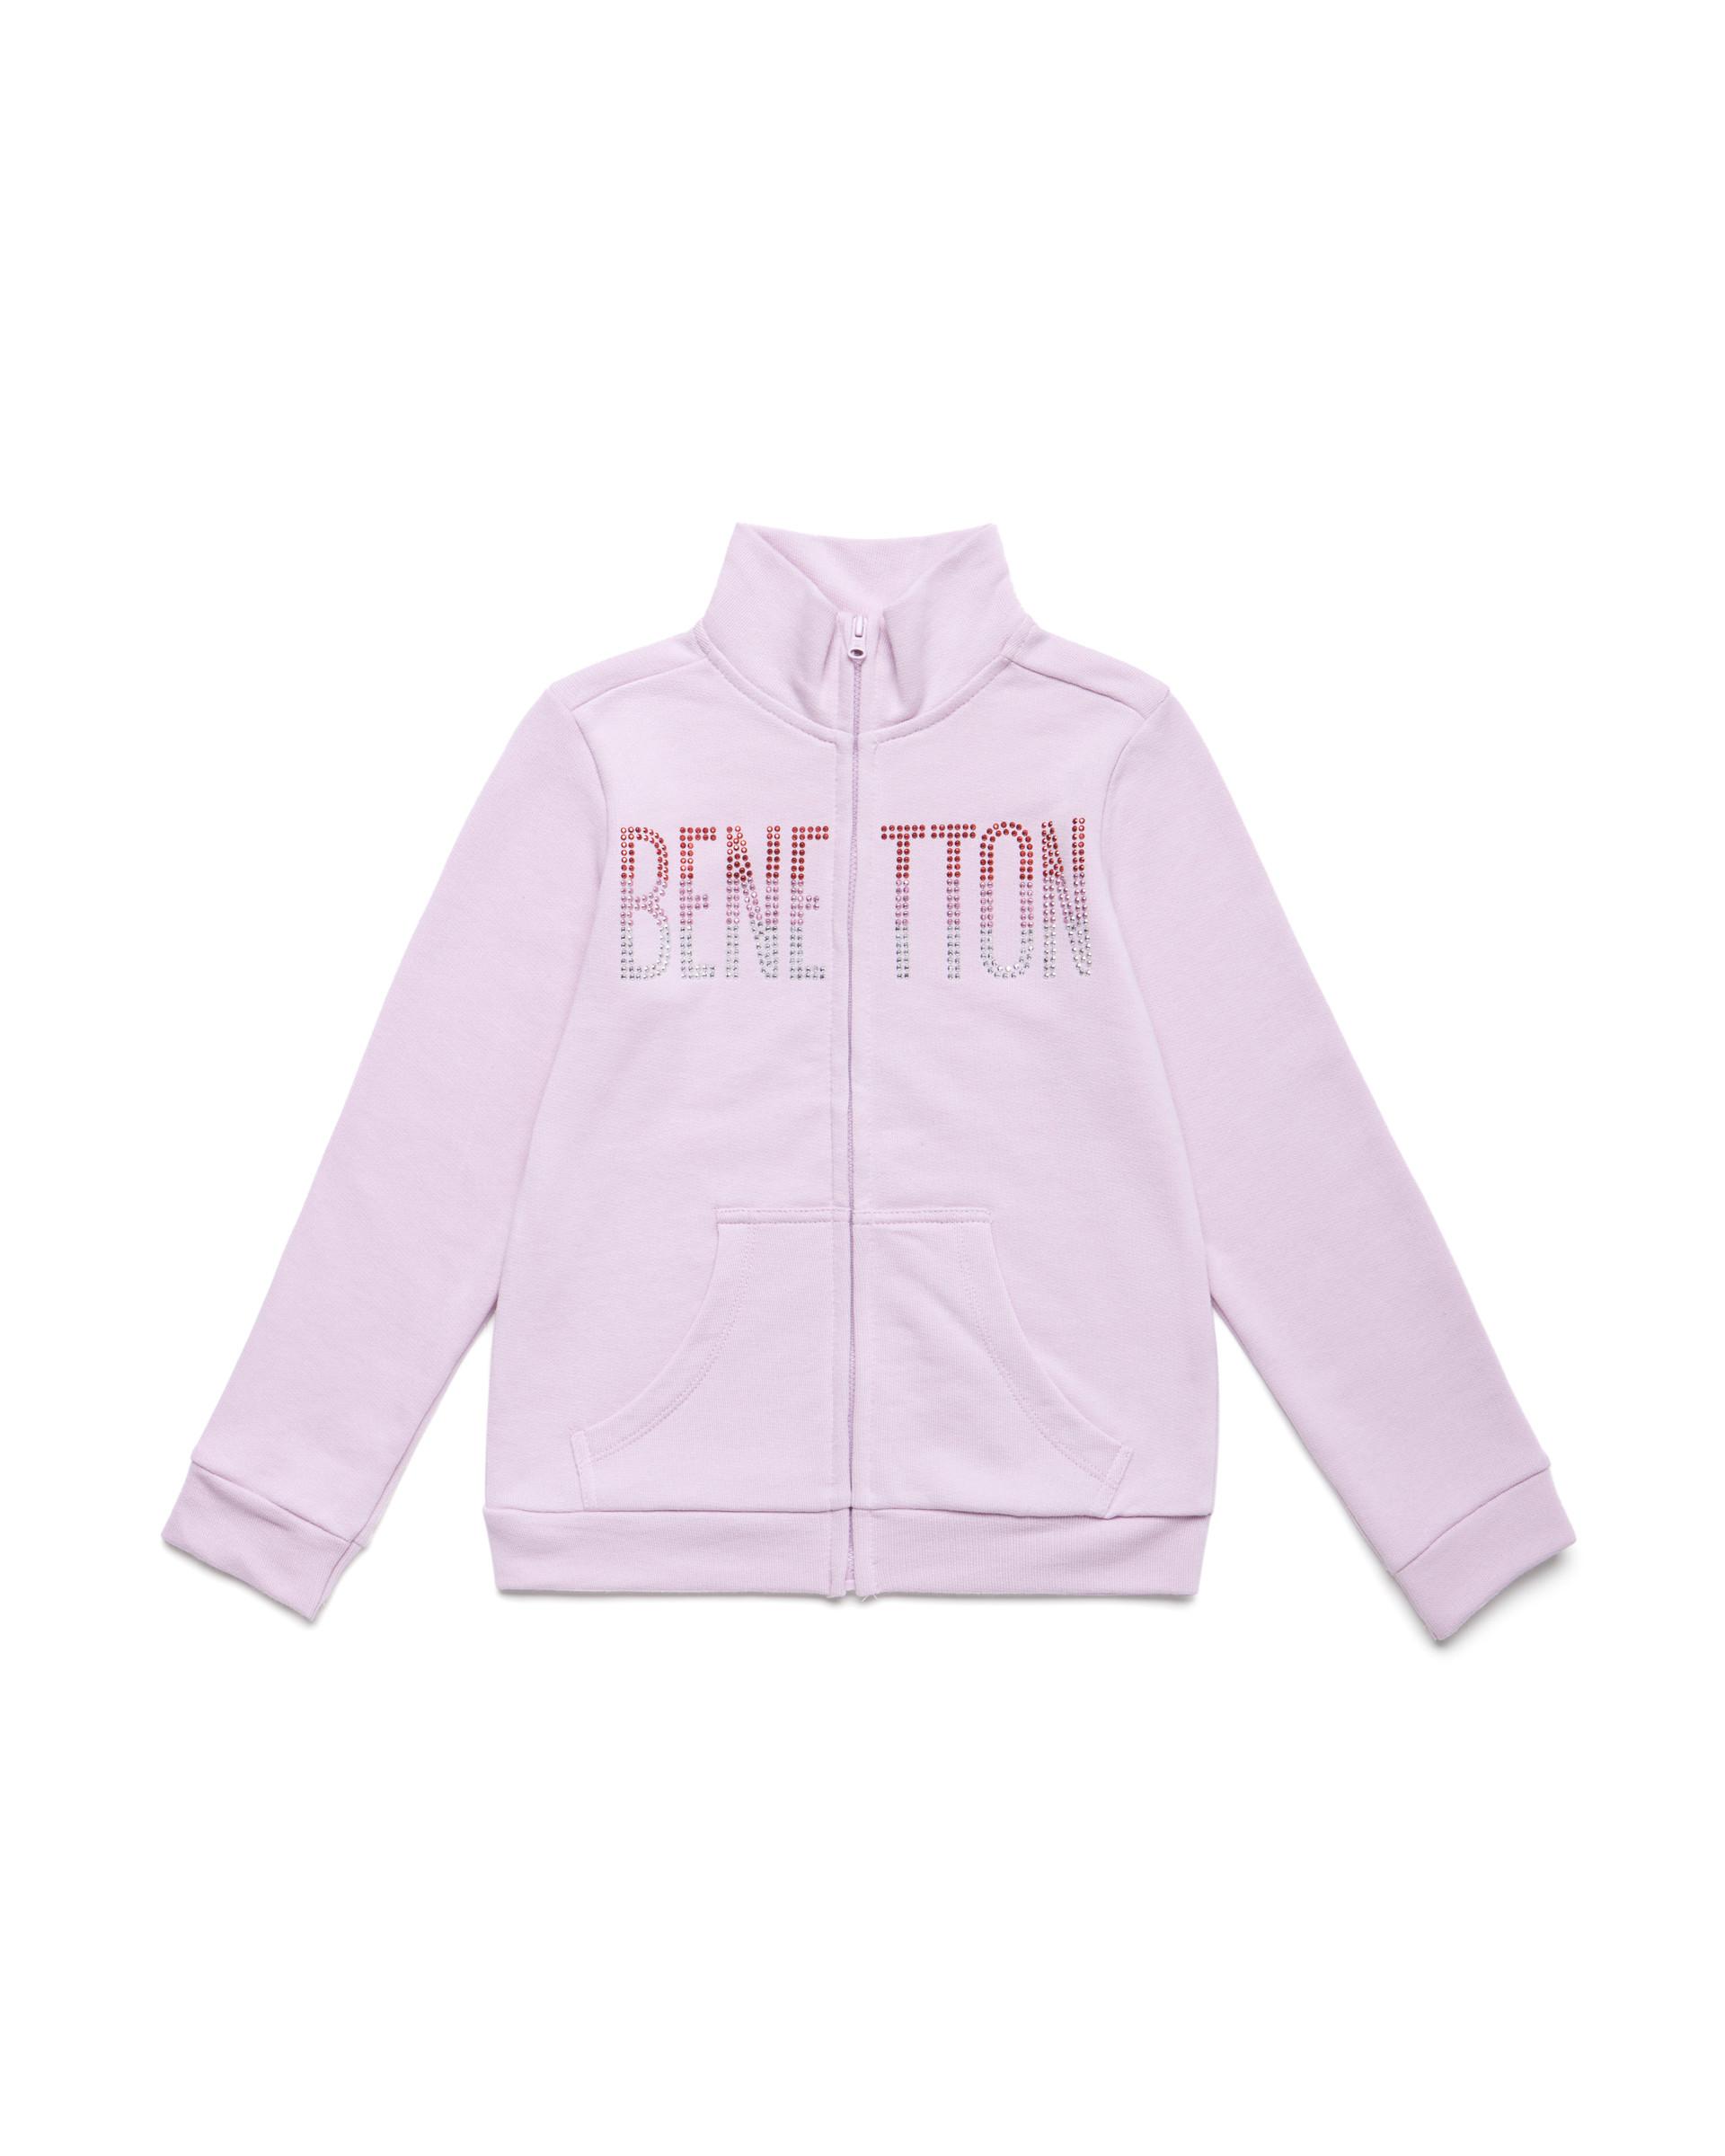 Купить 20P_3J68C5793_07M, Толстовка для девочек Benetton 3J68C5793_07M р-р 122, United Colors of Benetton, Толстовки для девочек